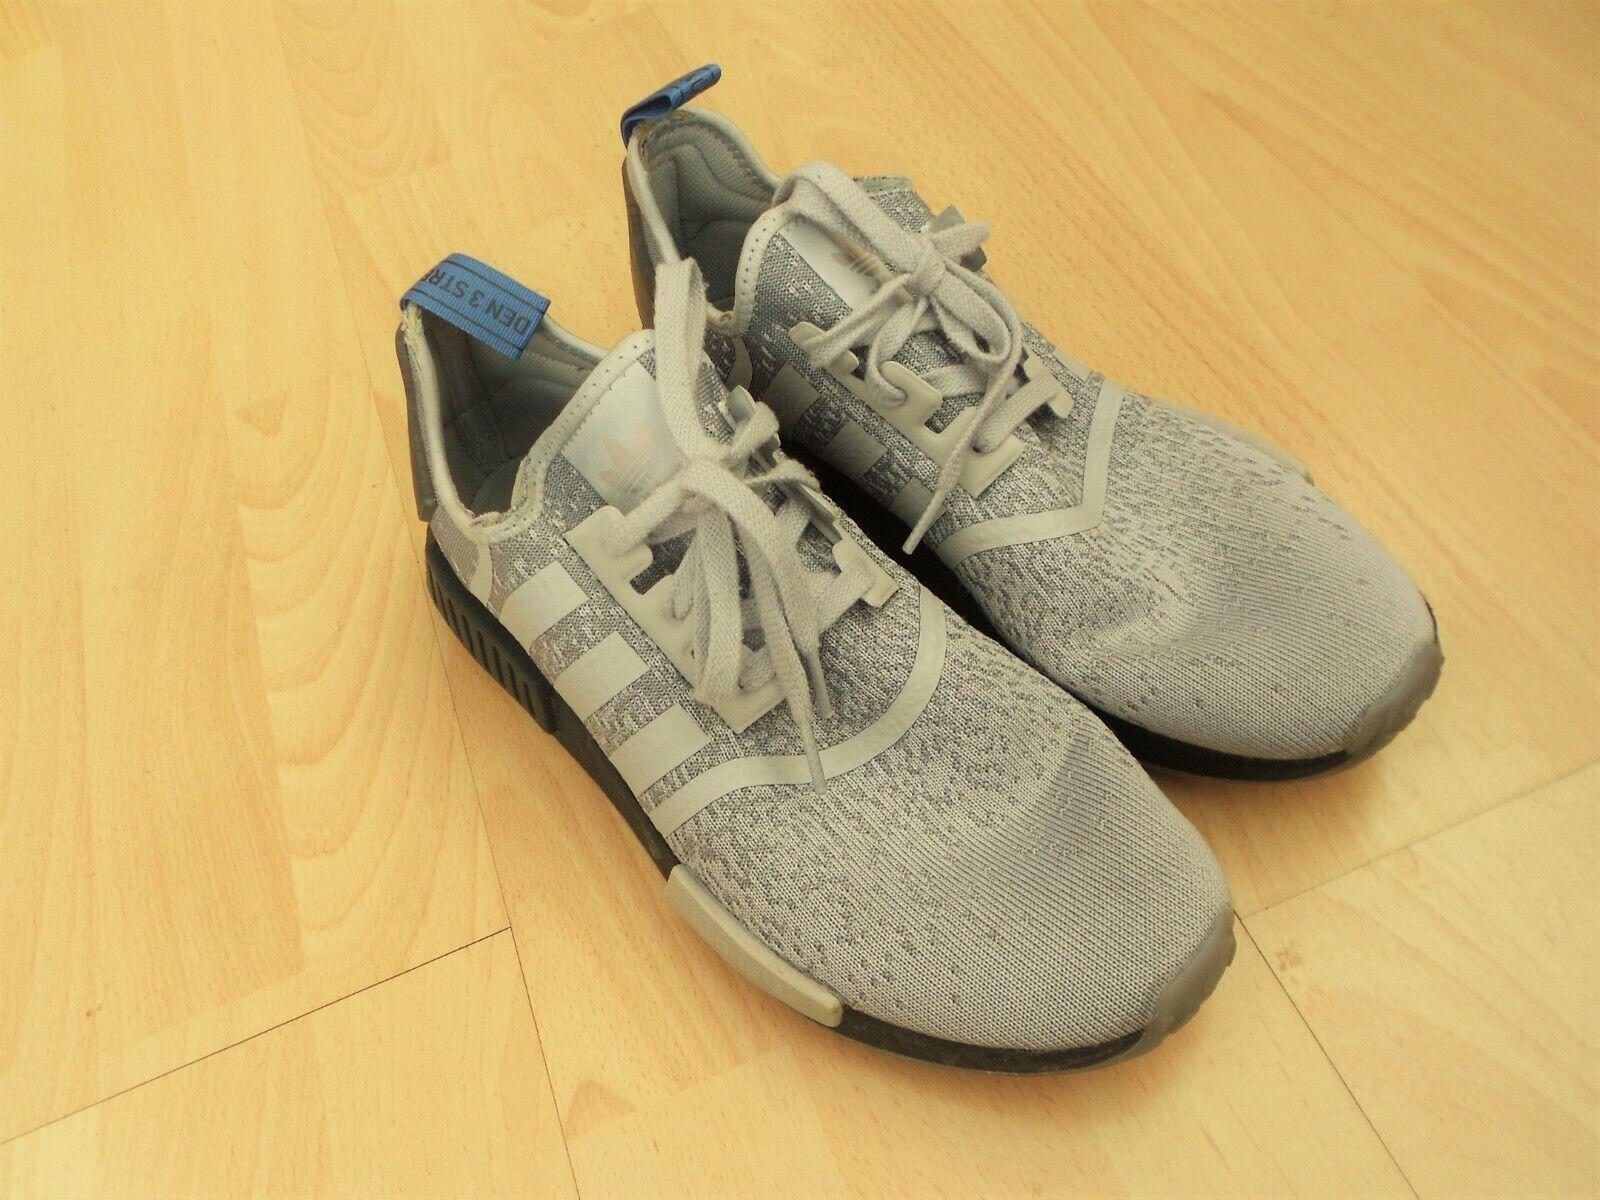 Adidas NMD R1 entrenadores Talla 11, gris y negro, en buen estado-see DESC